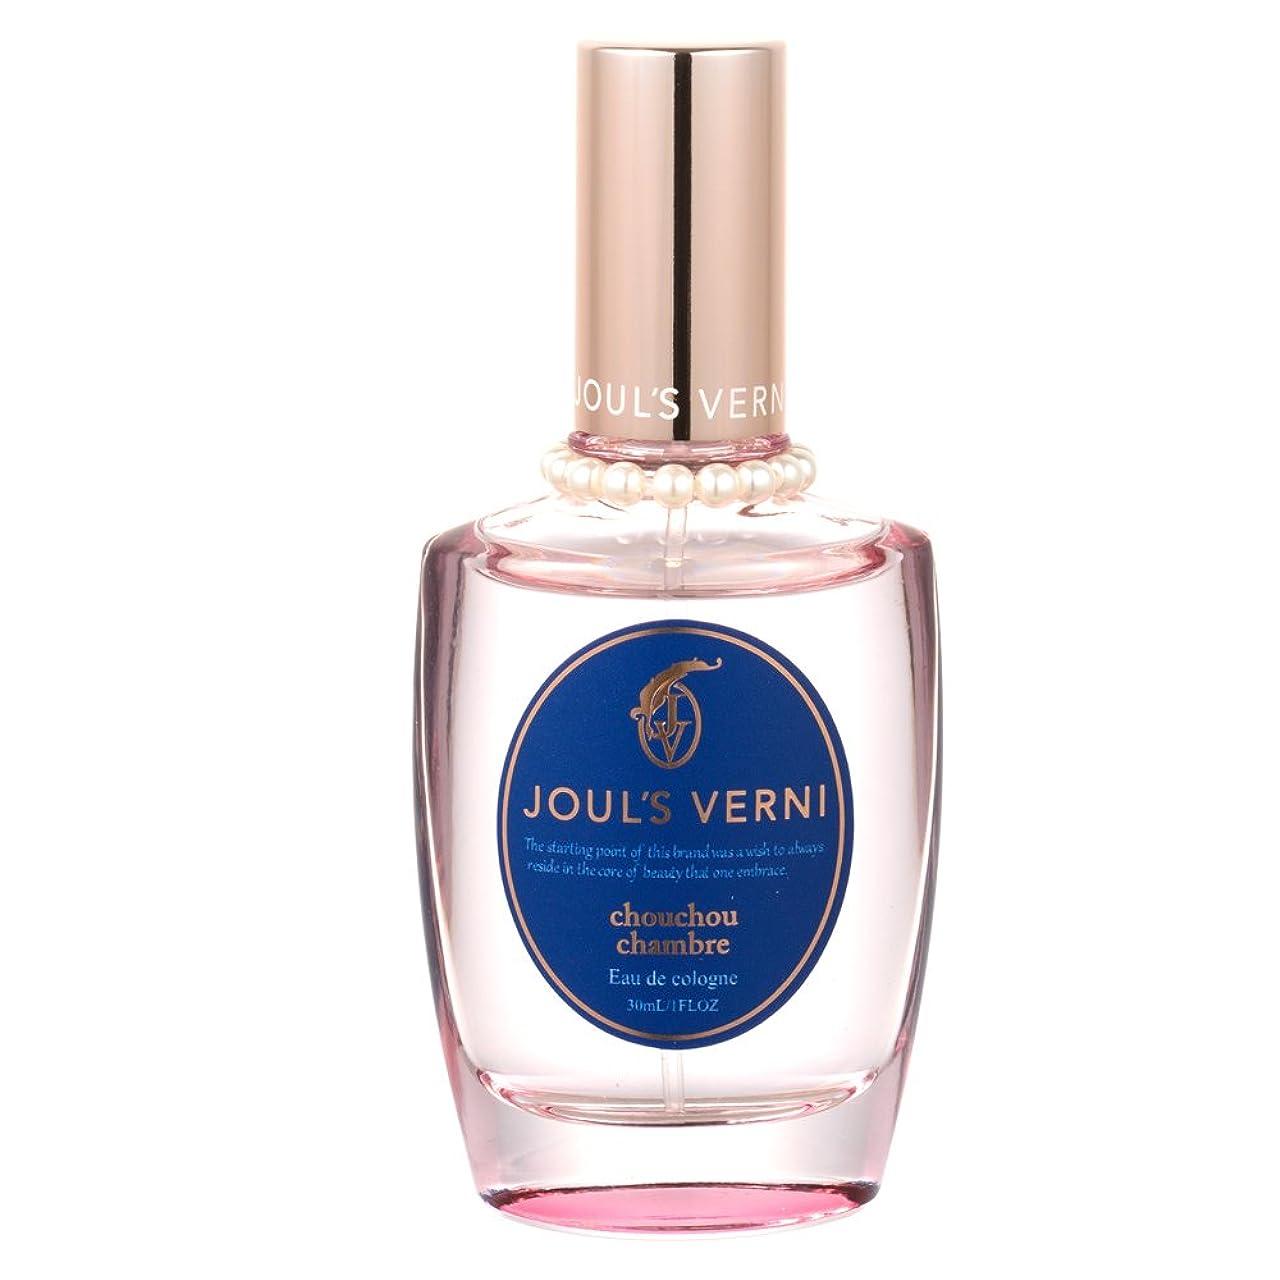 ナットプラットフォーム従事したジュール ベルニ フレグランスミスト (オーデコロン) (シュシュ シャンブレの香り) 30ml